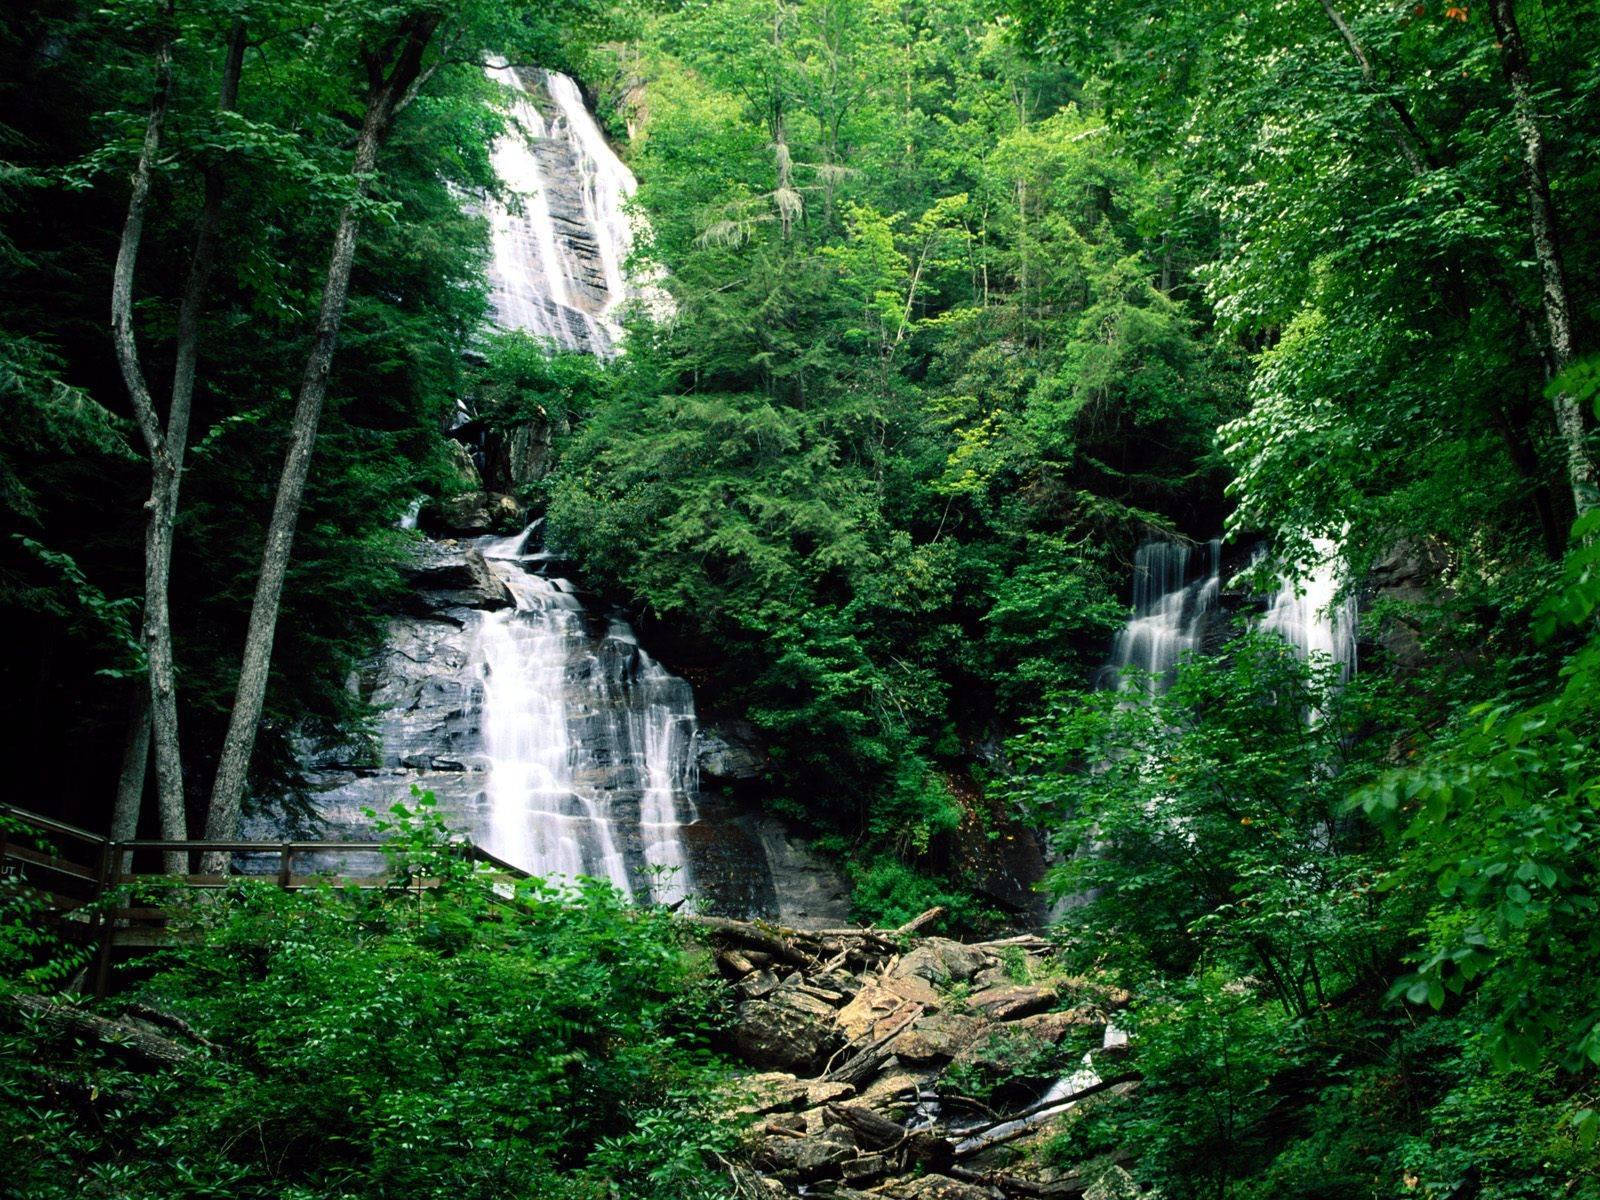 http://2.bp.blogspot.com/-SvdlWbj9_E0/TqOtIv561OI/AAAAAAAAAW0/AYPtqhC_7po/s1600/hutan-alam.jpg